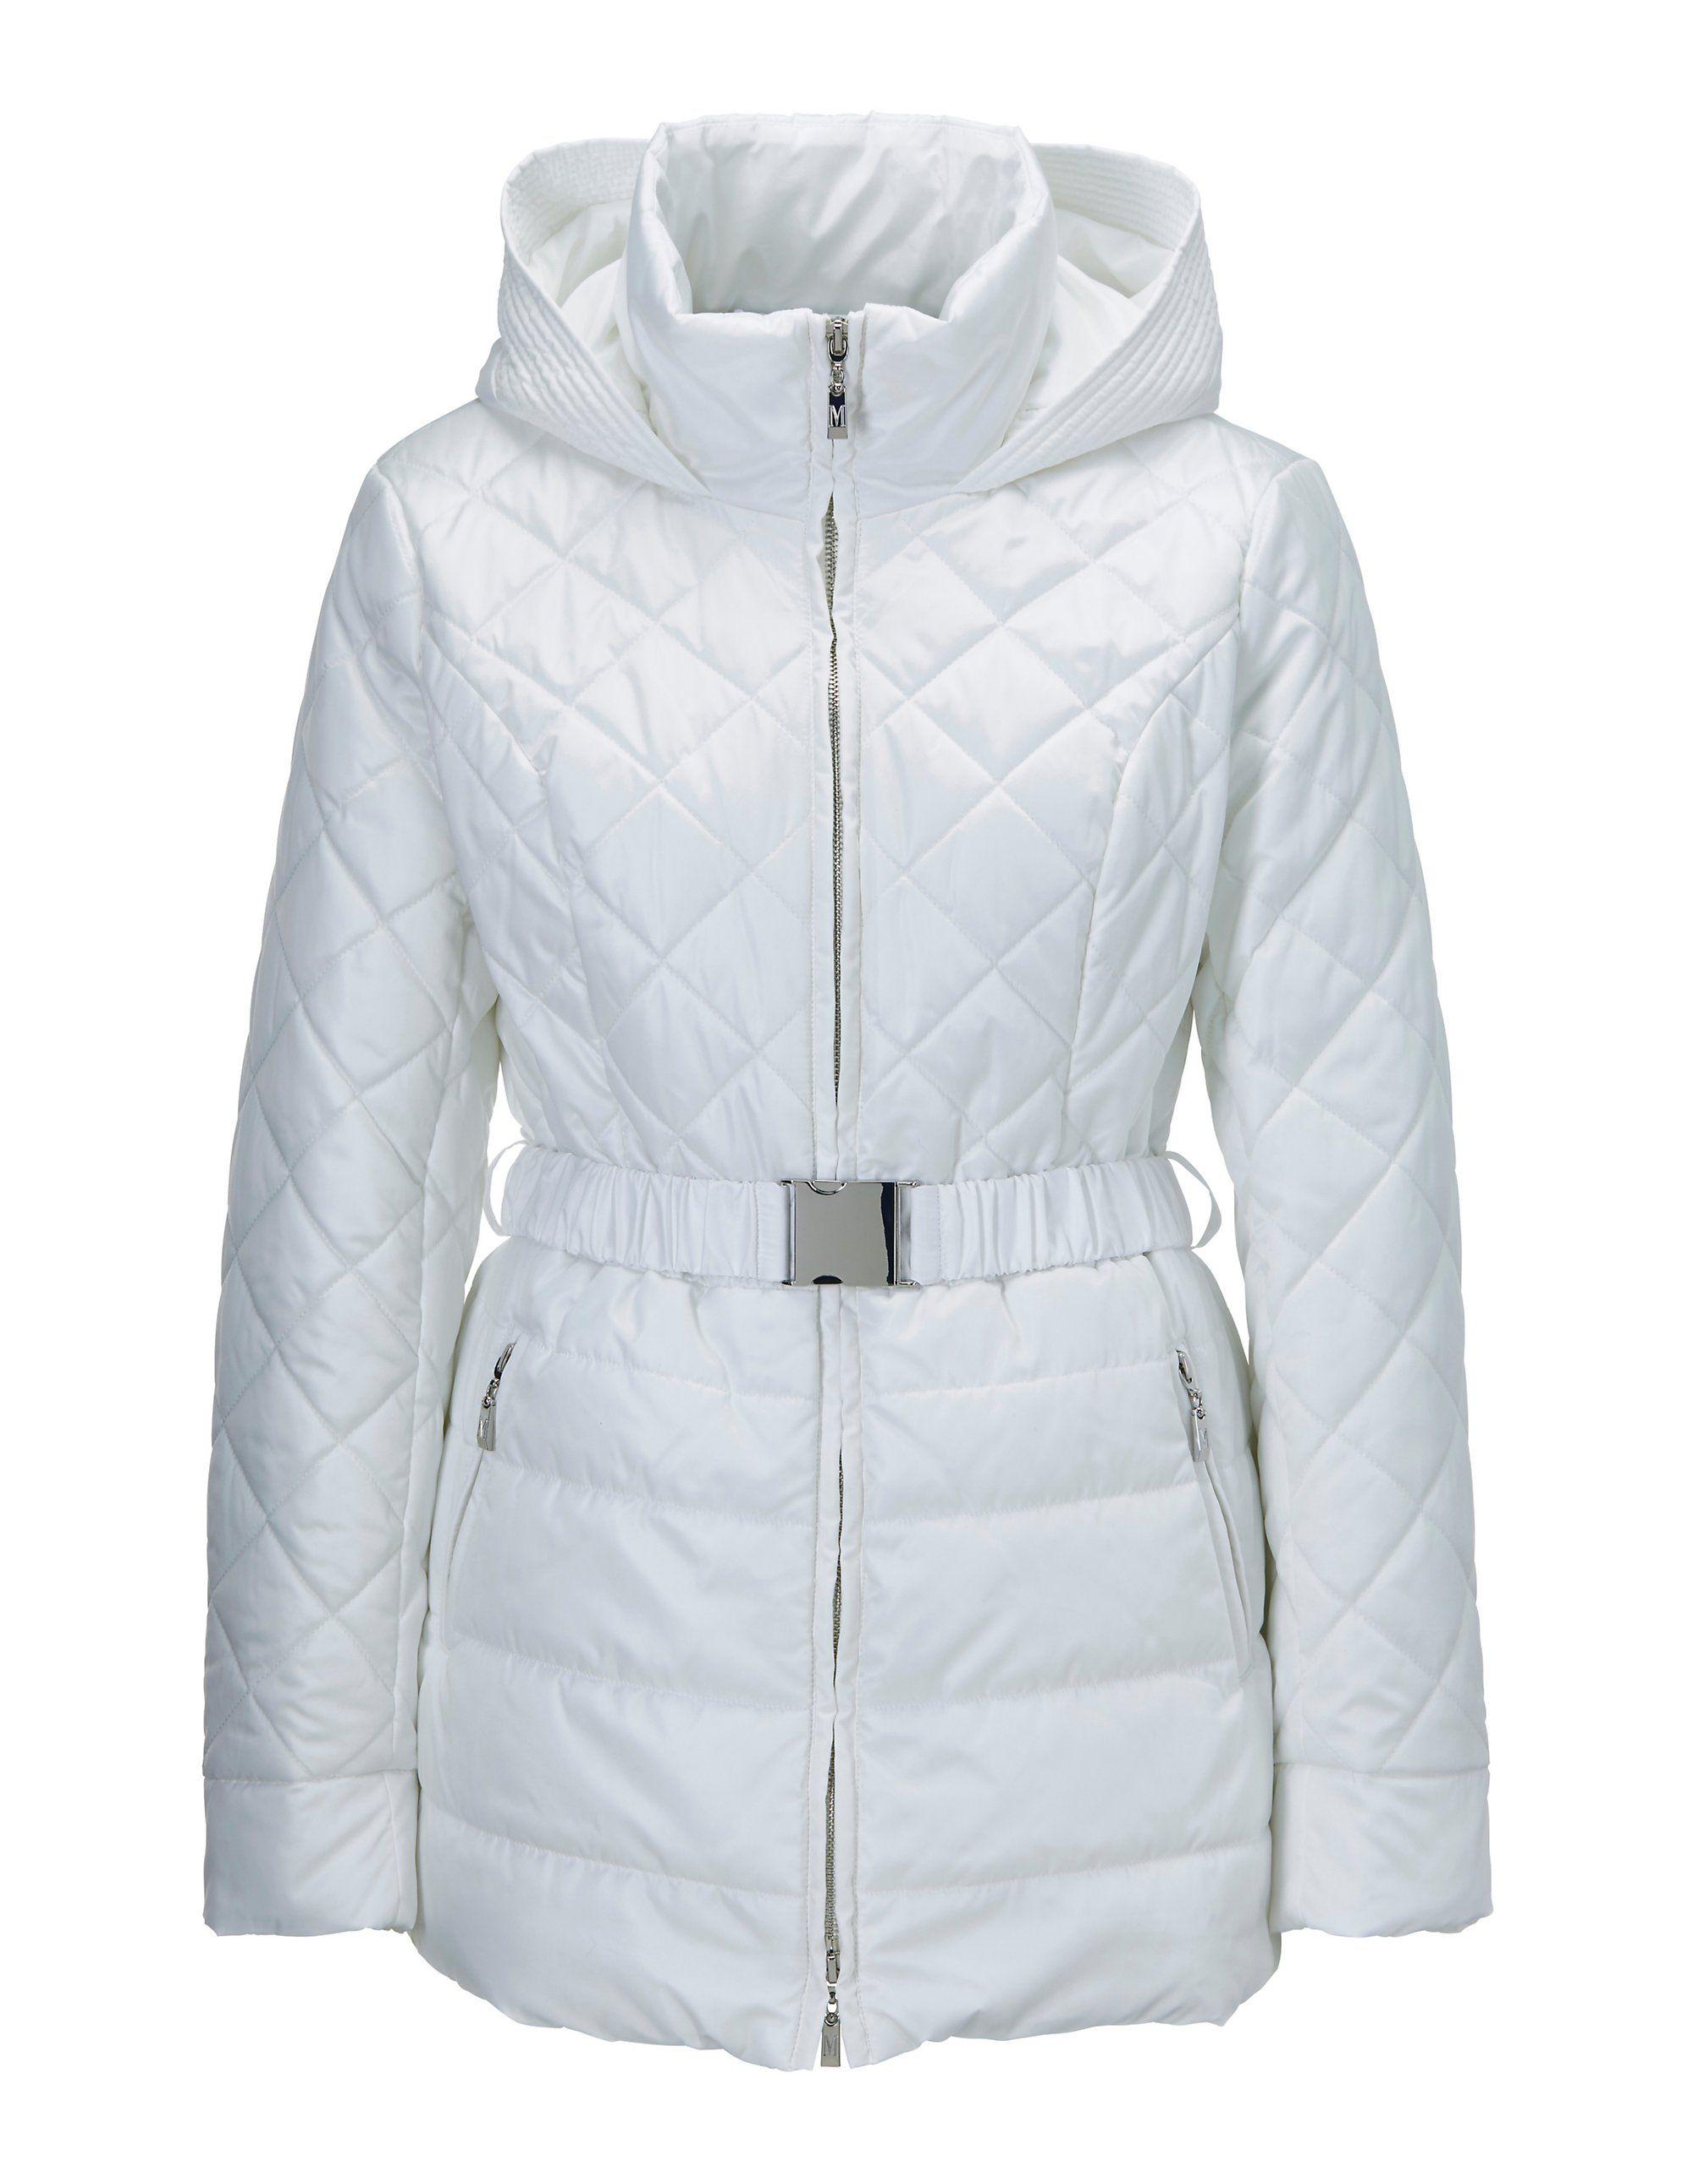 Lange Steppjacke mit Kapuze in weiß MADELEINE Gr 44, wollweiß für Damen. Polyester. Reinigung